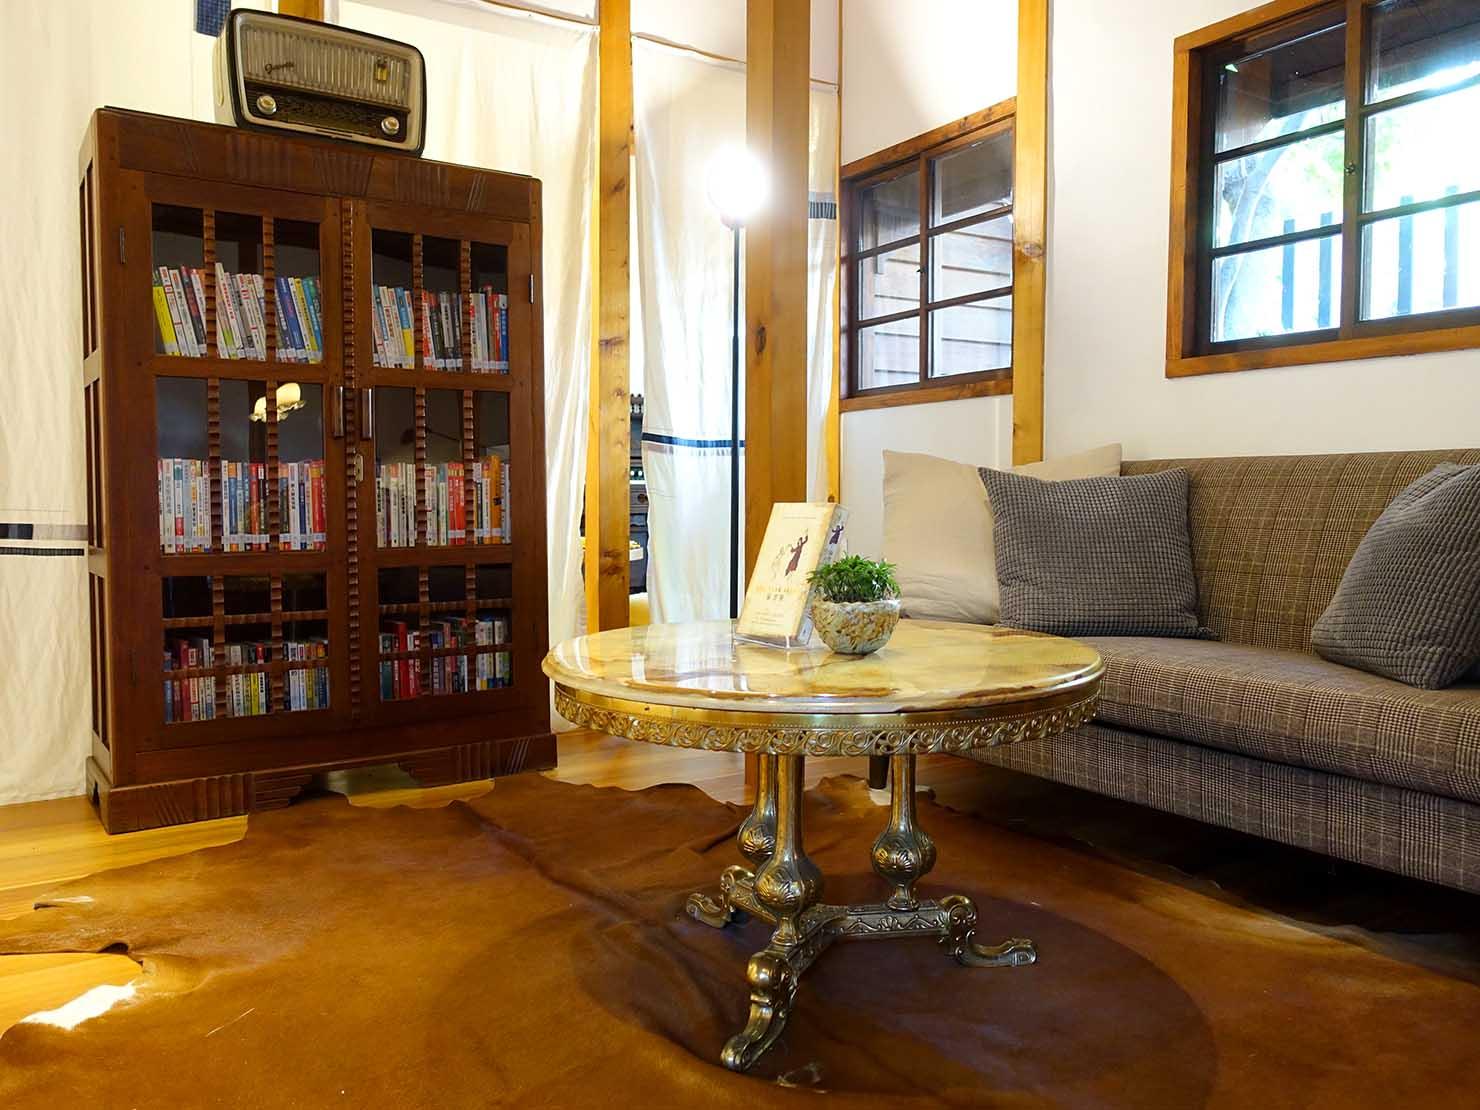 台北の街に佇む日本式古民家の図書館「文房 Chapter」のソファ席